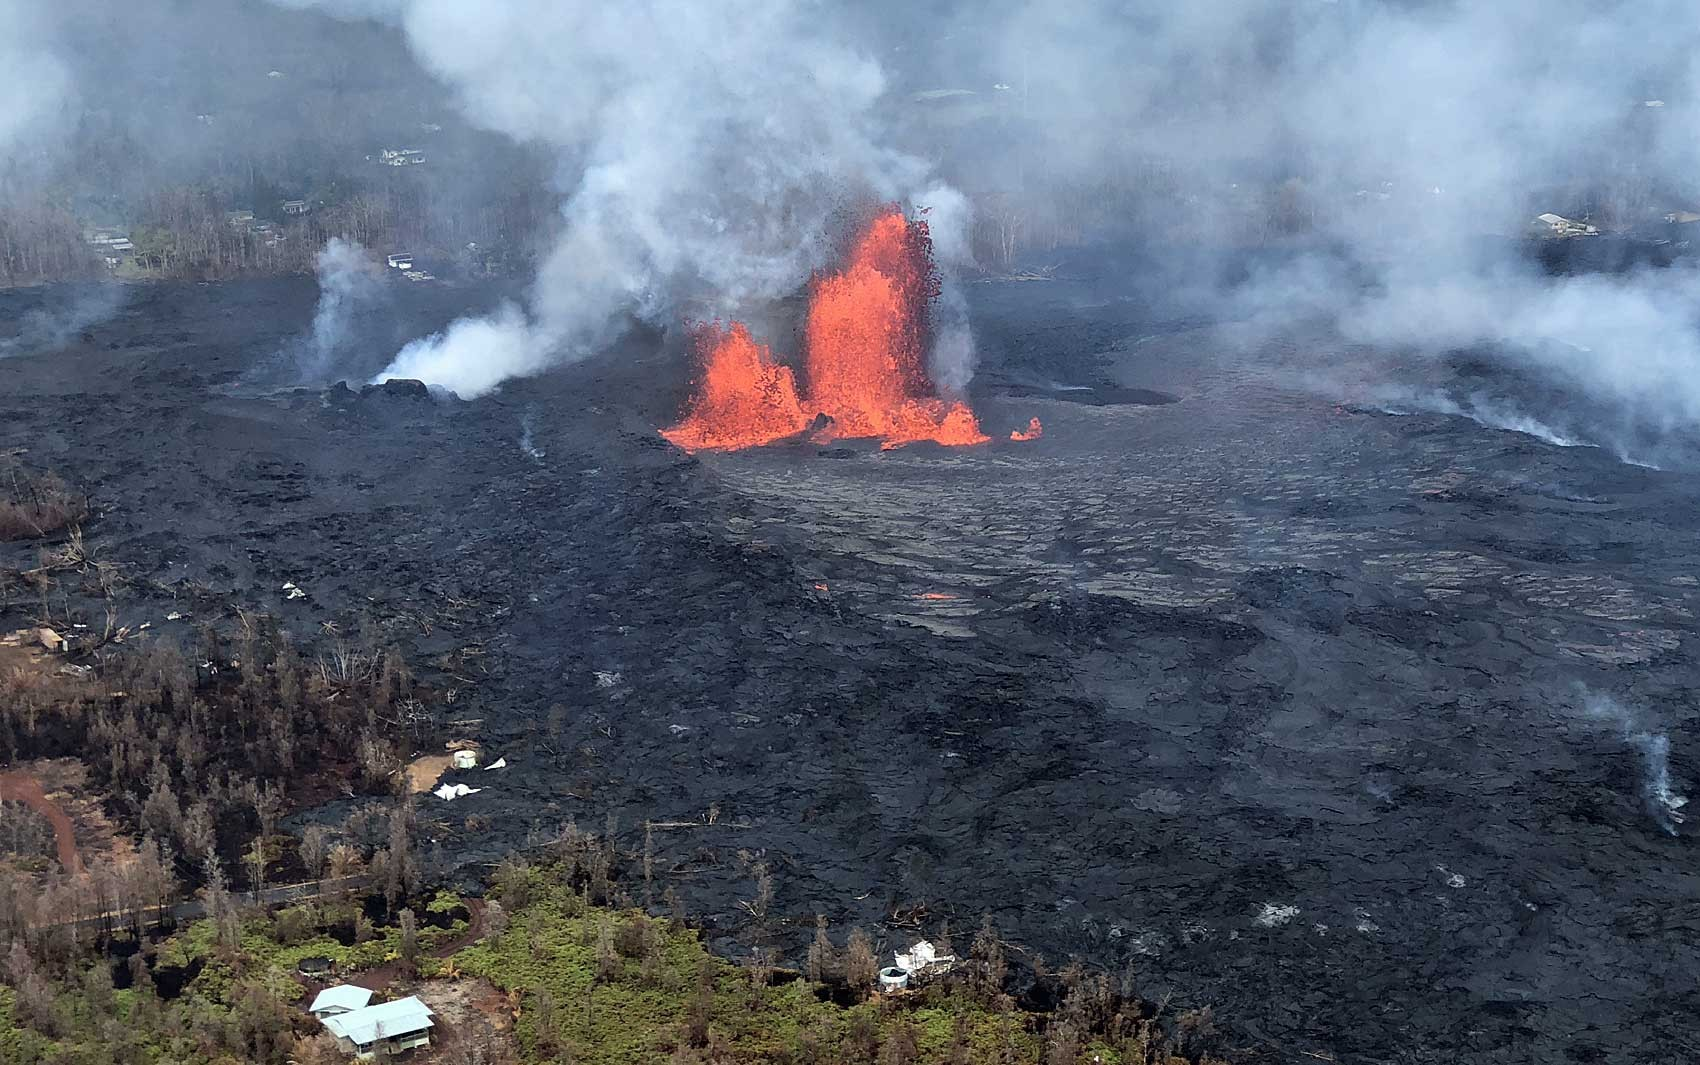 O que são as 'bombas de lava' como a do vulcão Kilauea que feriu 23 pessoas em um barco no Havaí